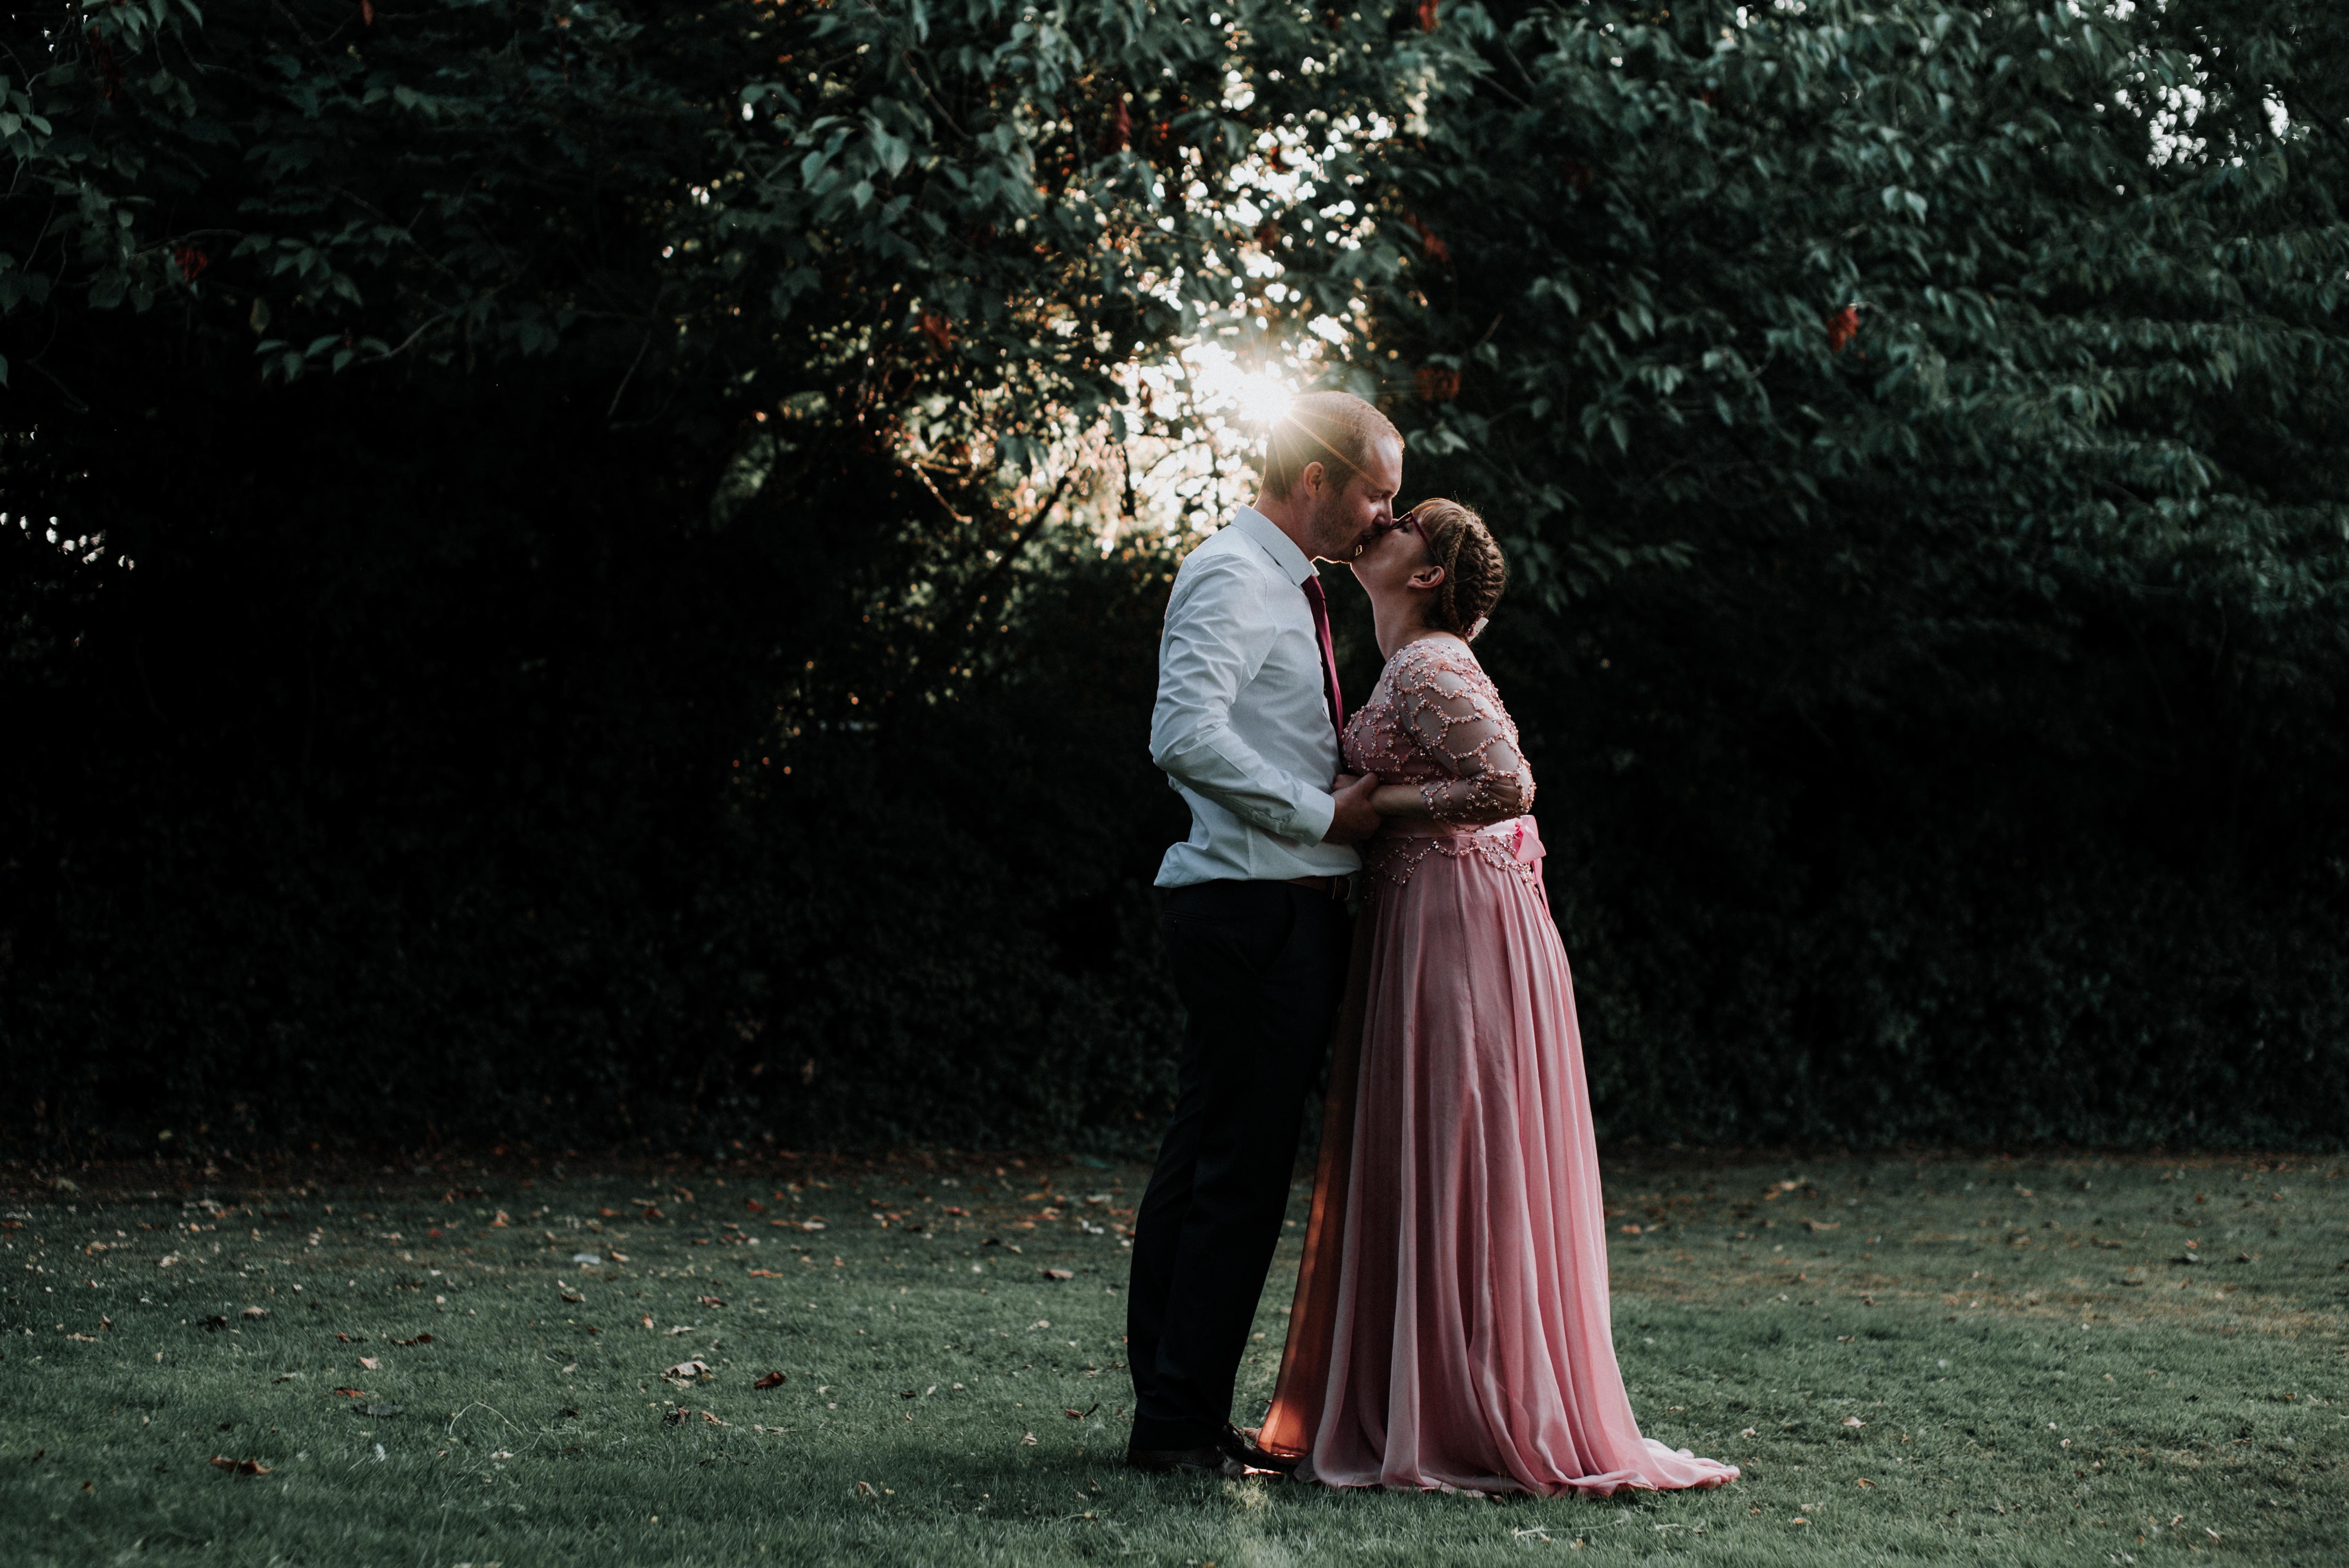 wedding photographer, wedding photography, dougal photography, wedding film, wedding photo shoot, wedding photography review, outdoors wedding photographer